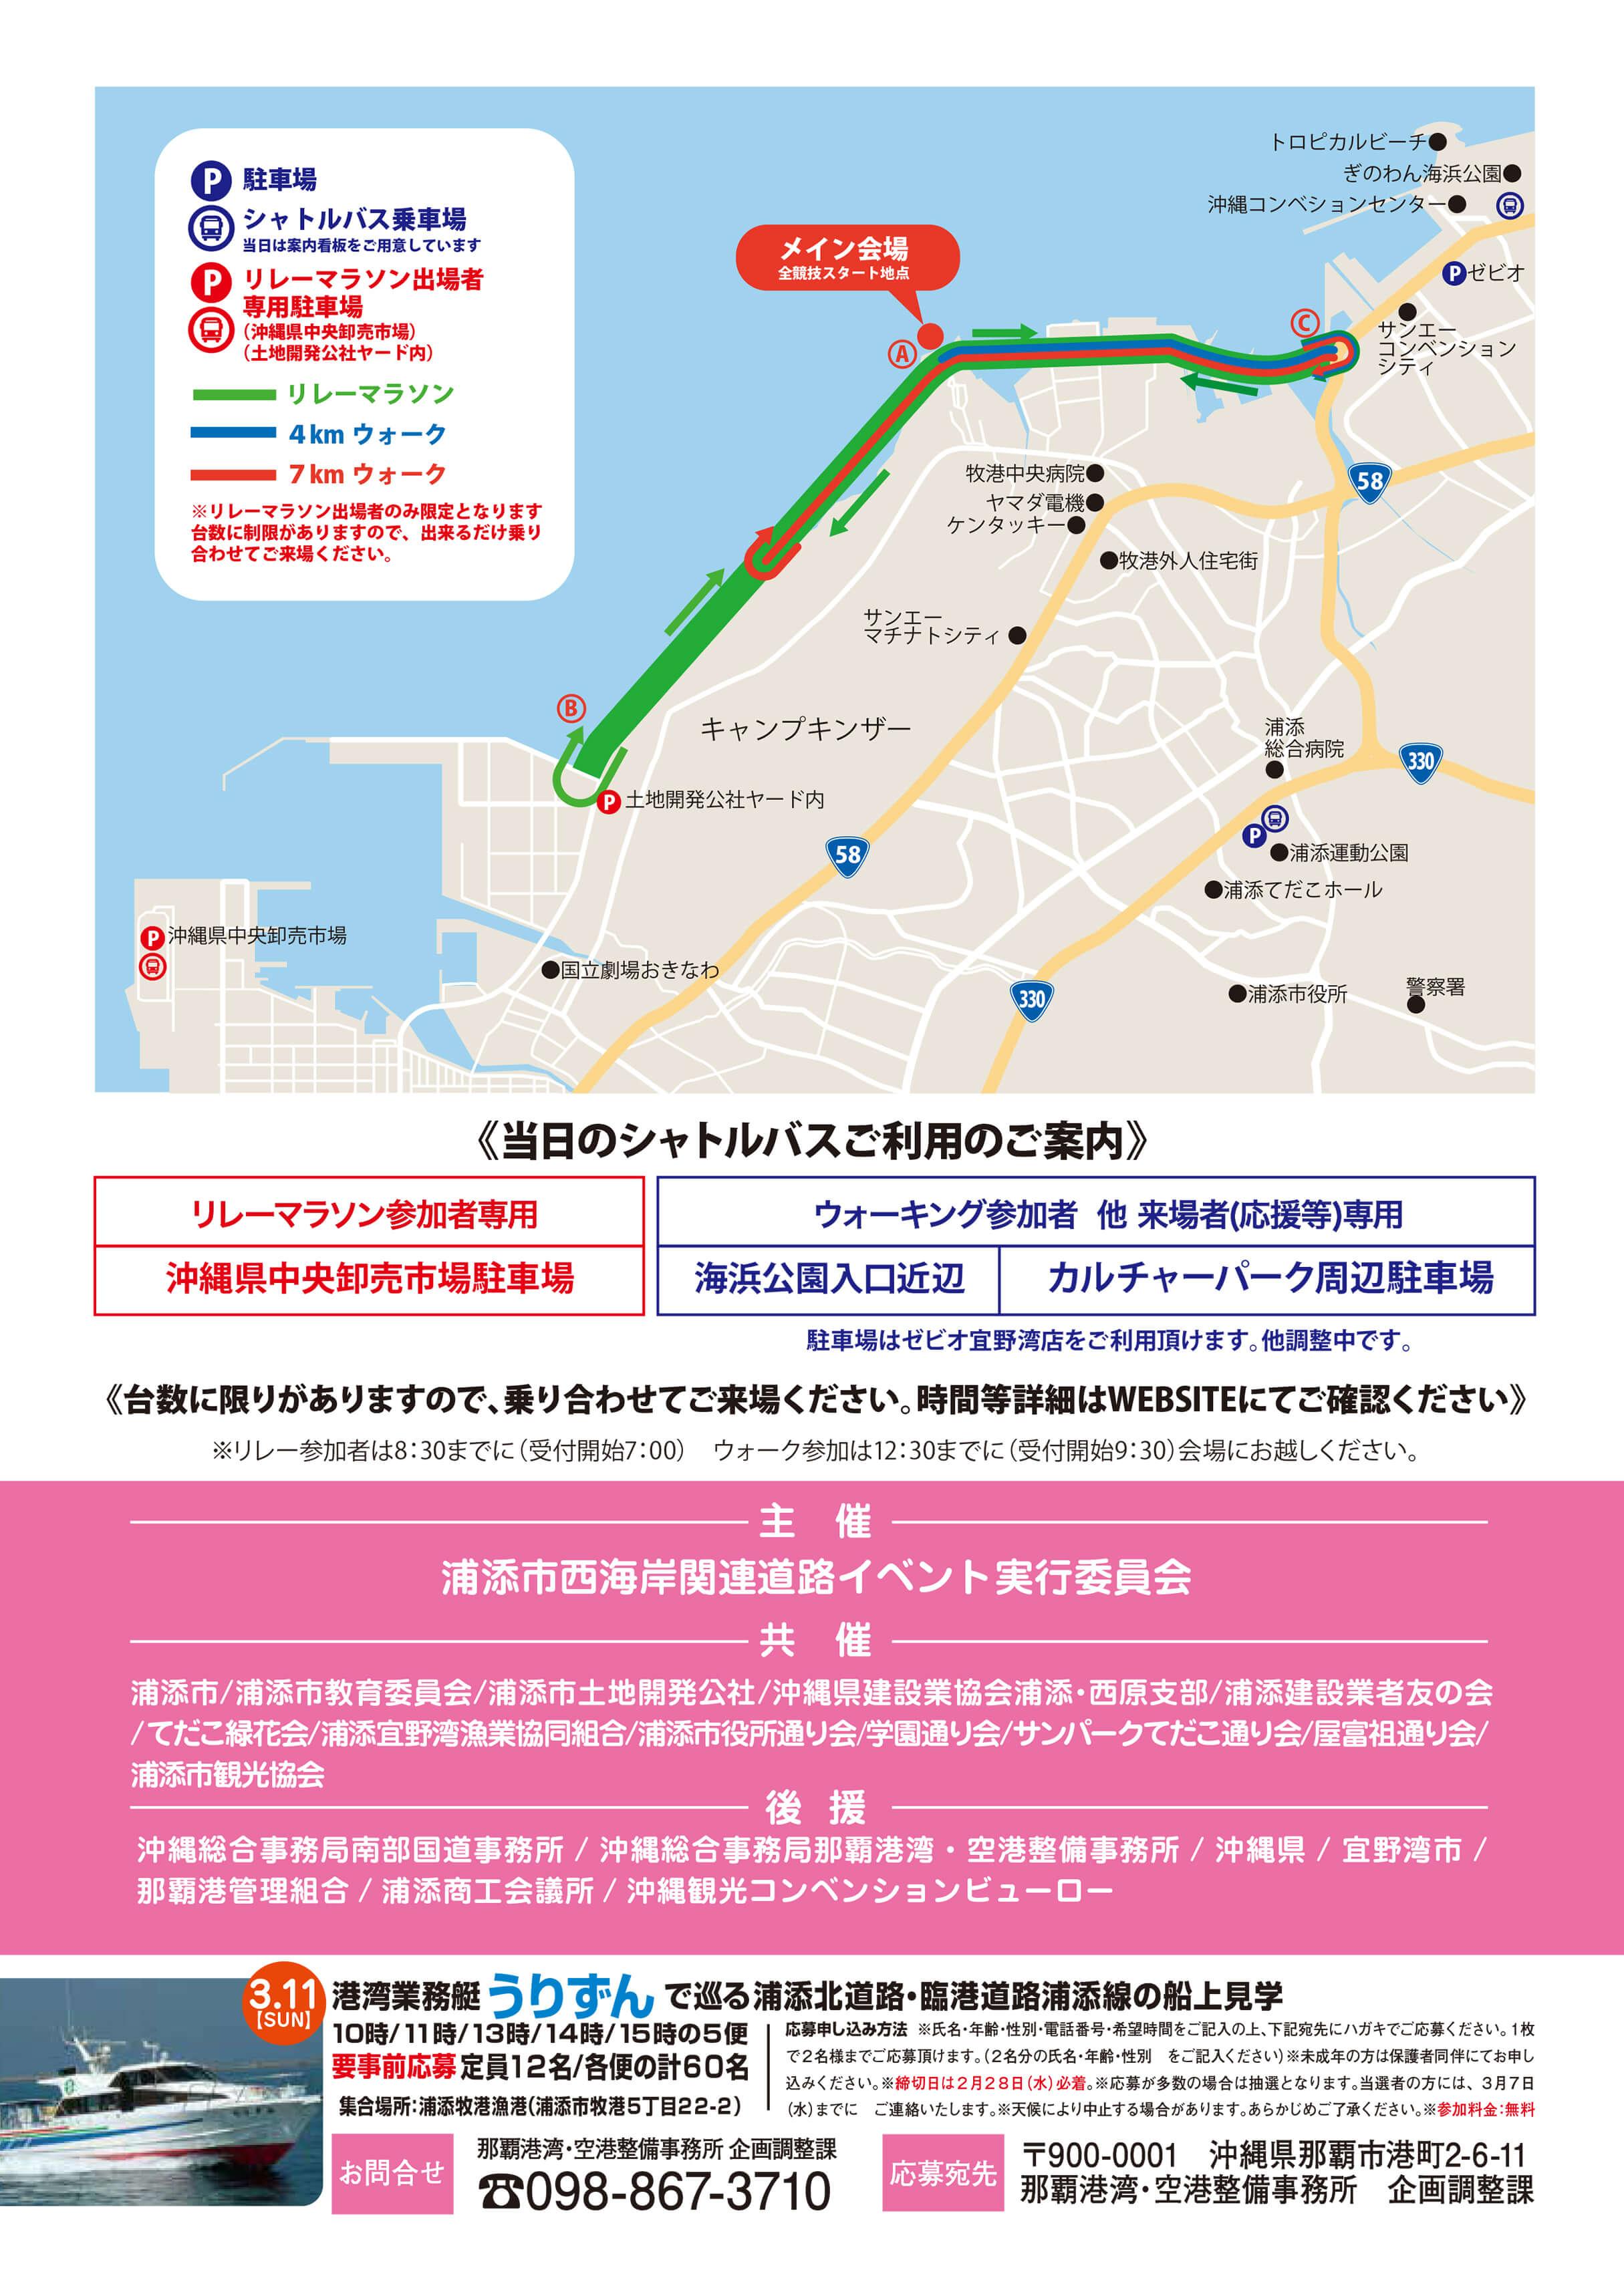 夢のかけはしリレーマラソン | 沖縄観光情報ガリンペイロ